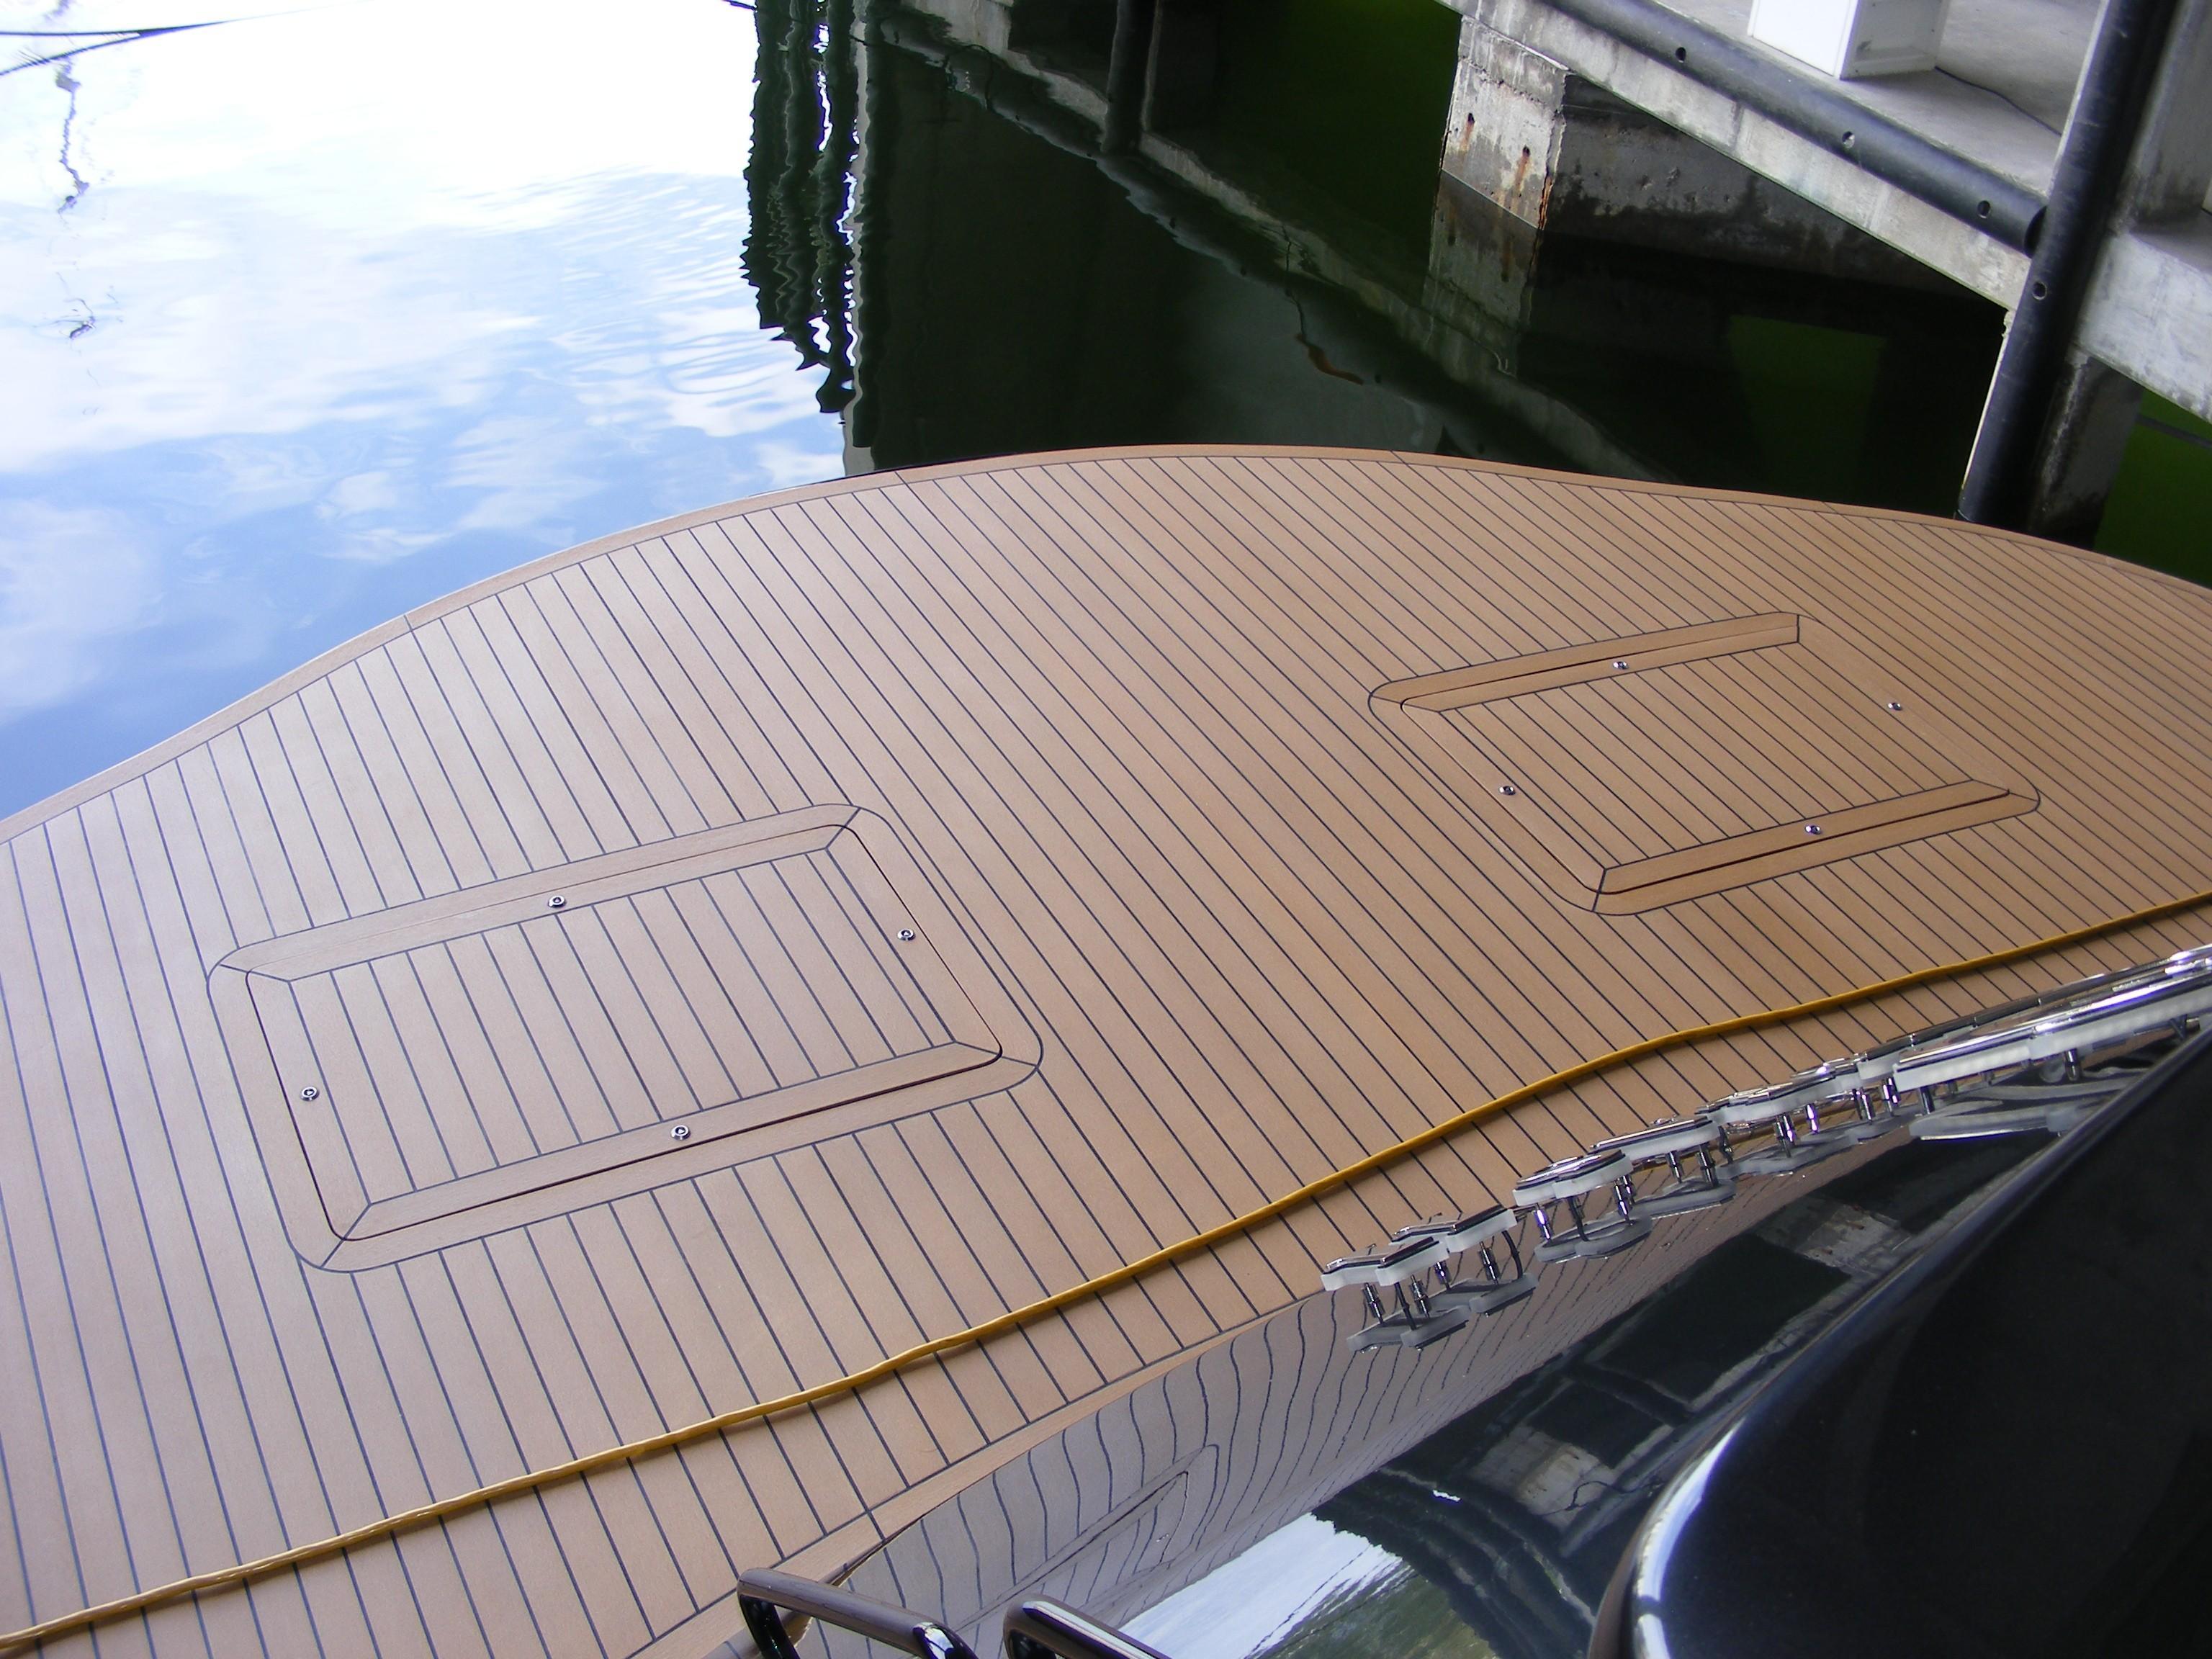 2002 Pershing 88 - Swim Platform